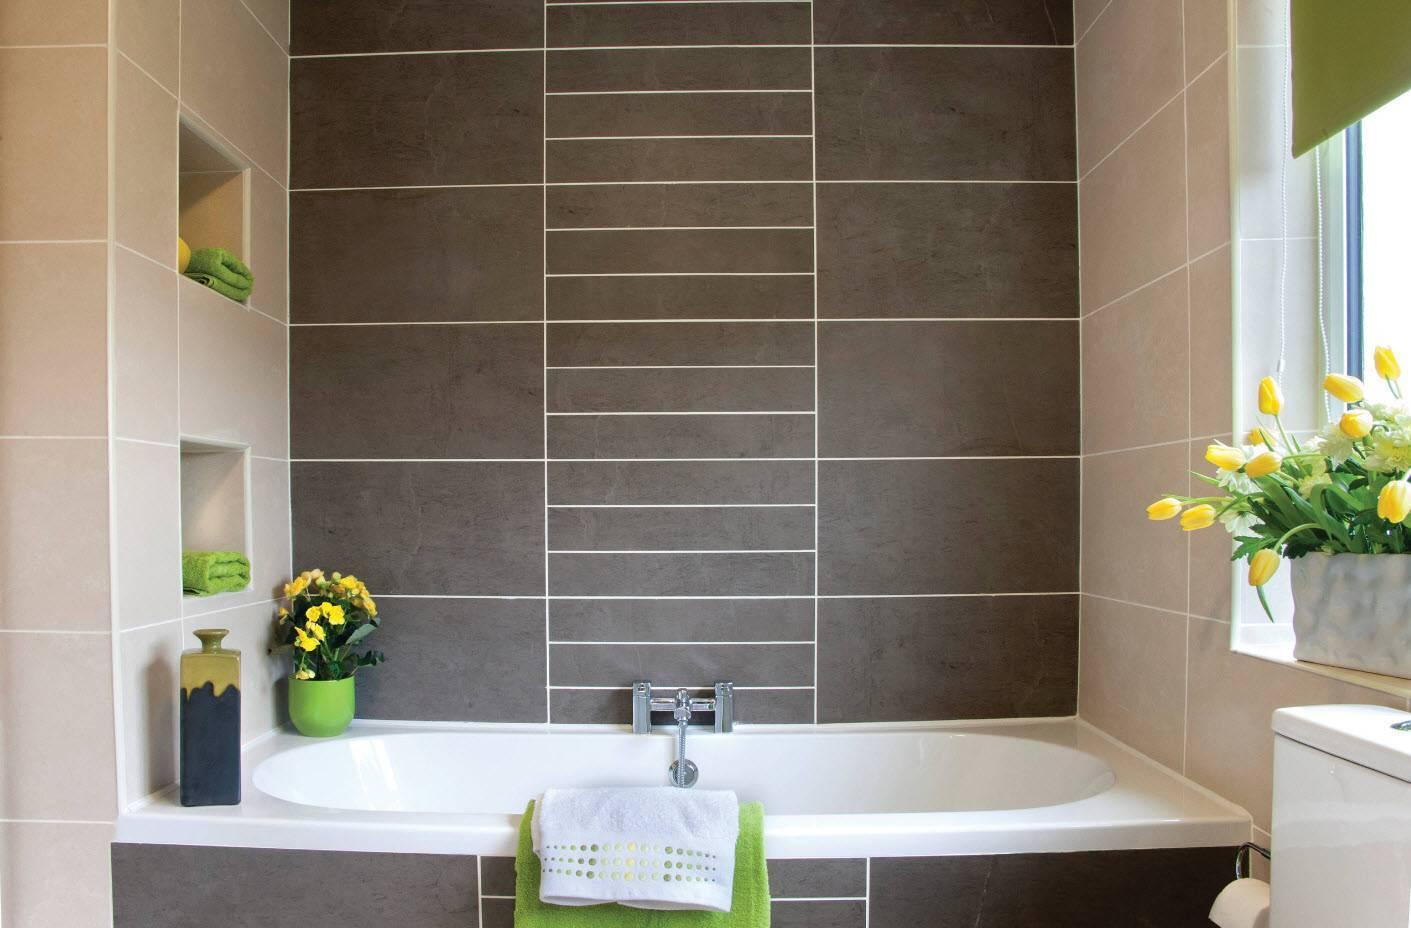 Реально ли выложить плитку в ванной своими руками?